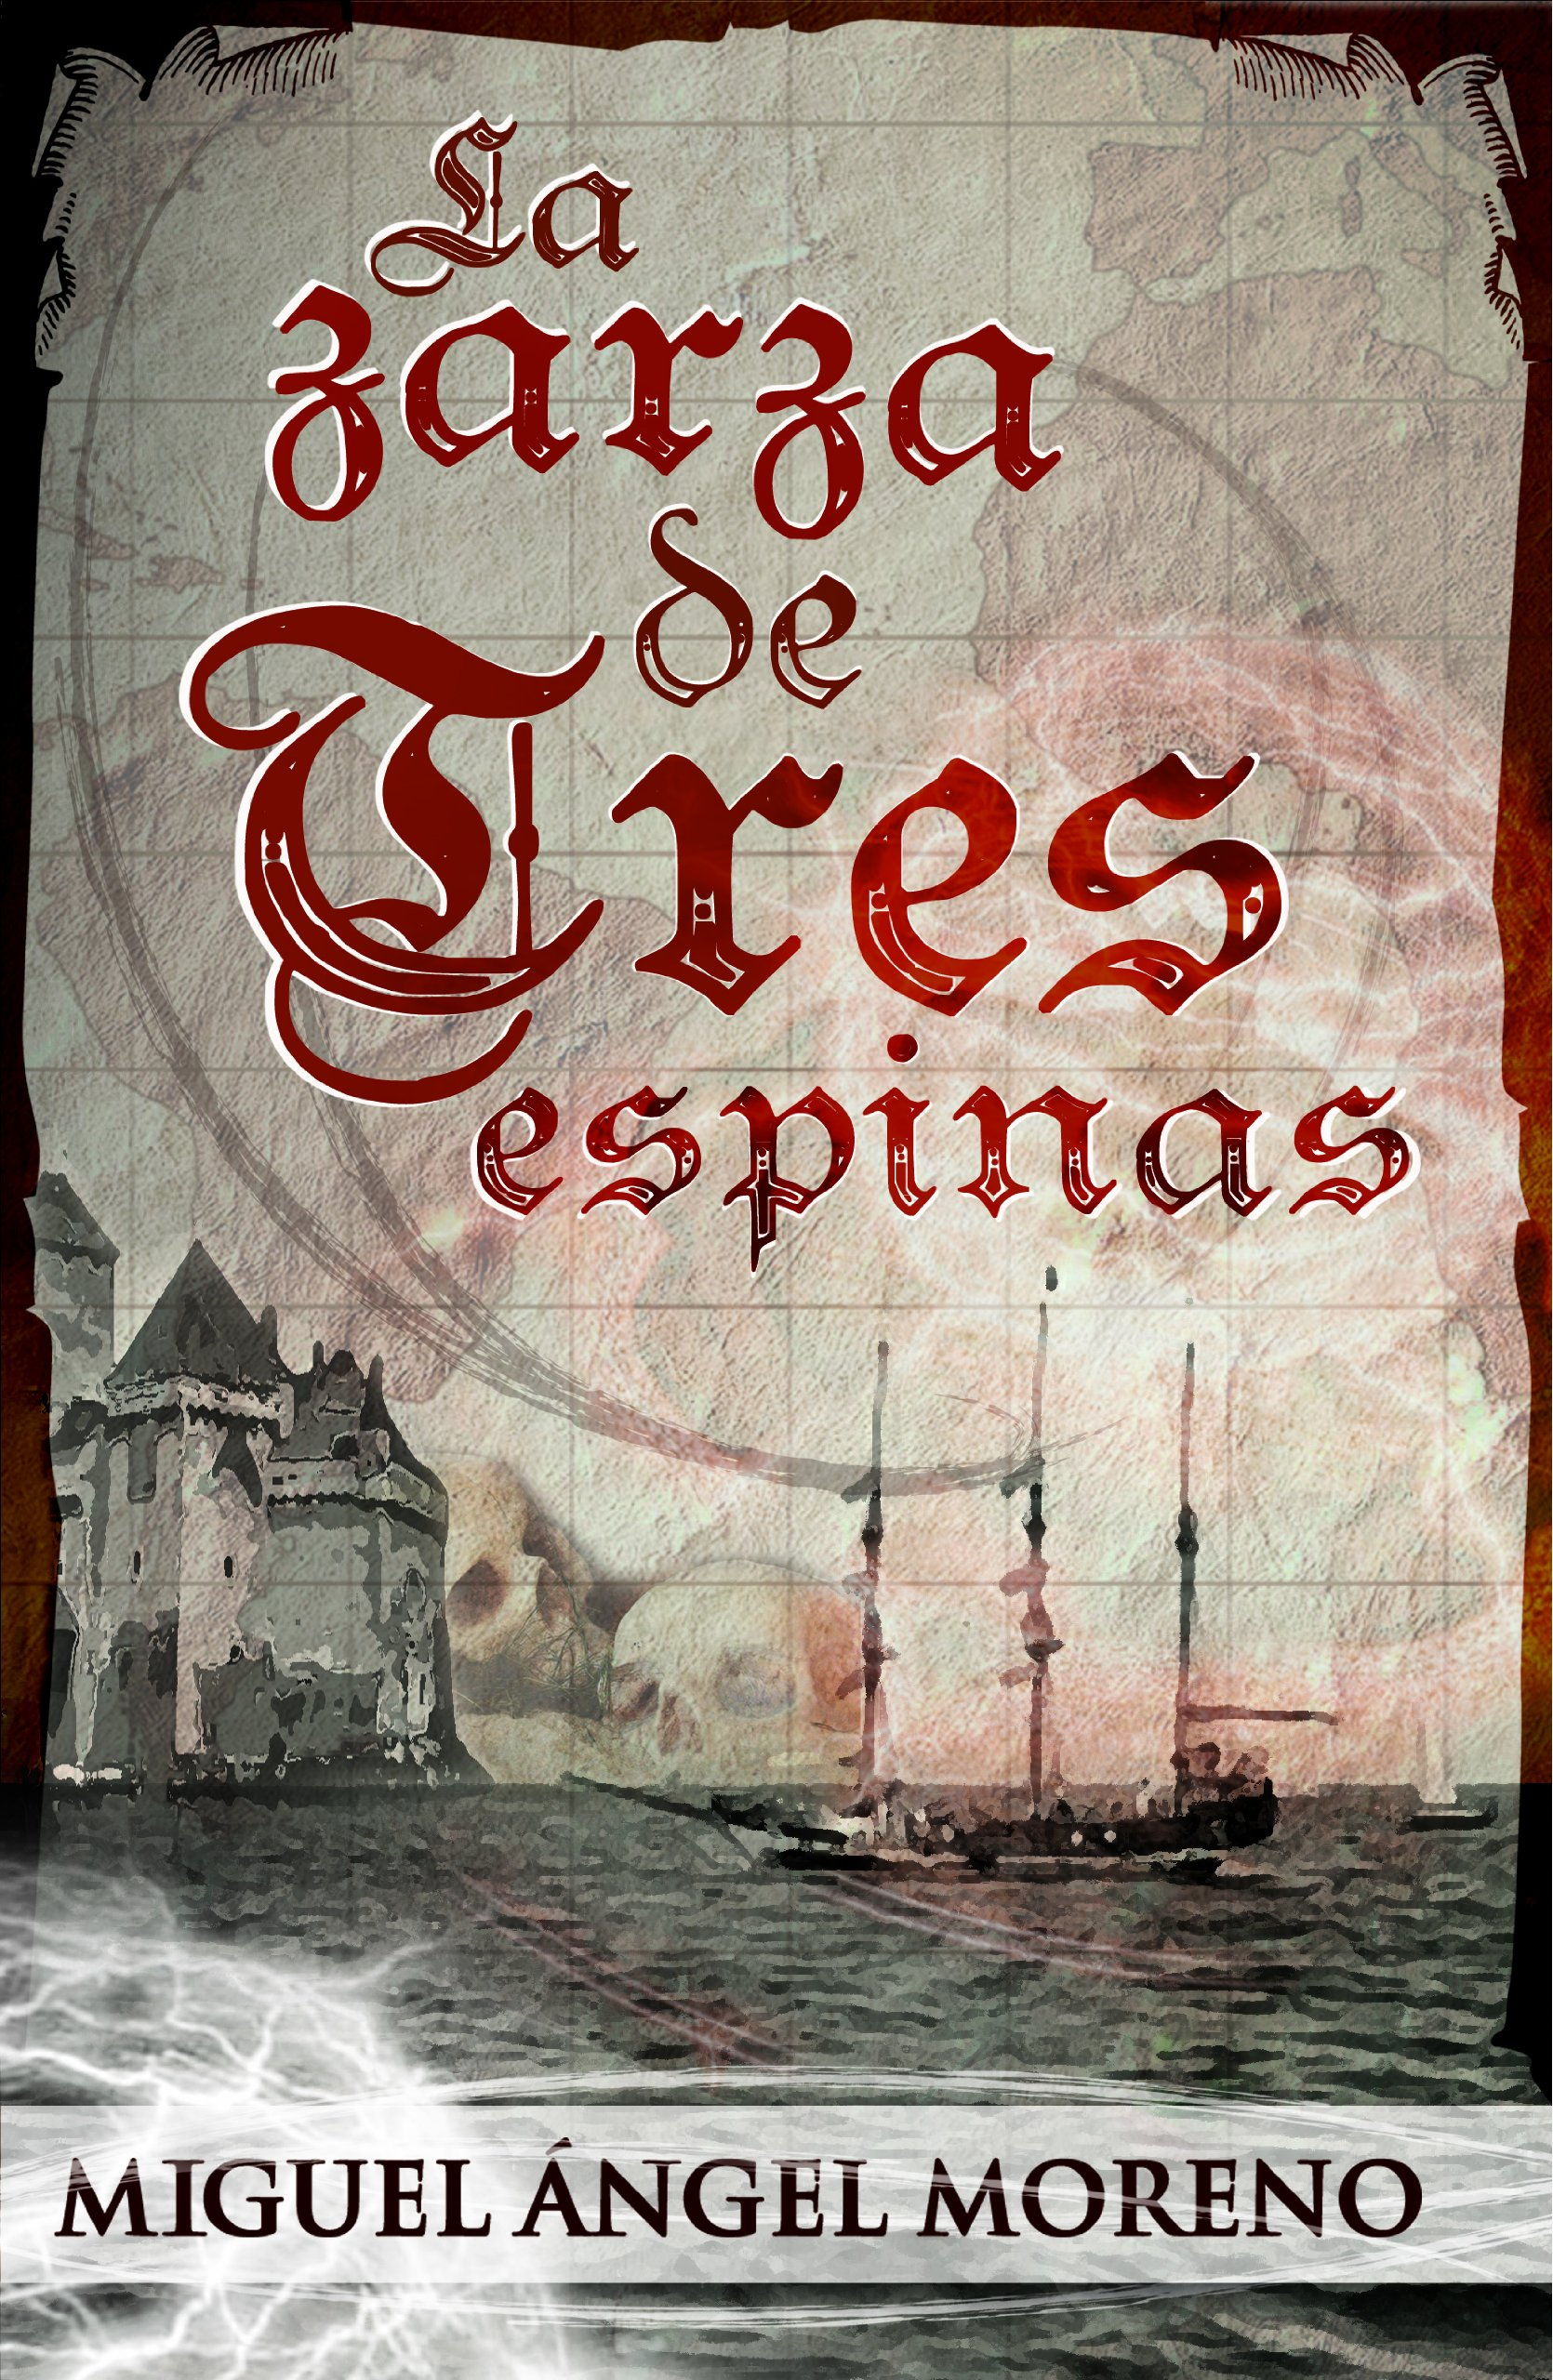 La zarza de tres espinas: Amazon.es: Moreno, Miguel Ángel: Libros